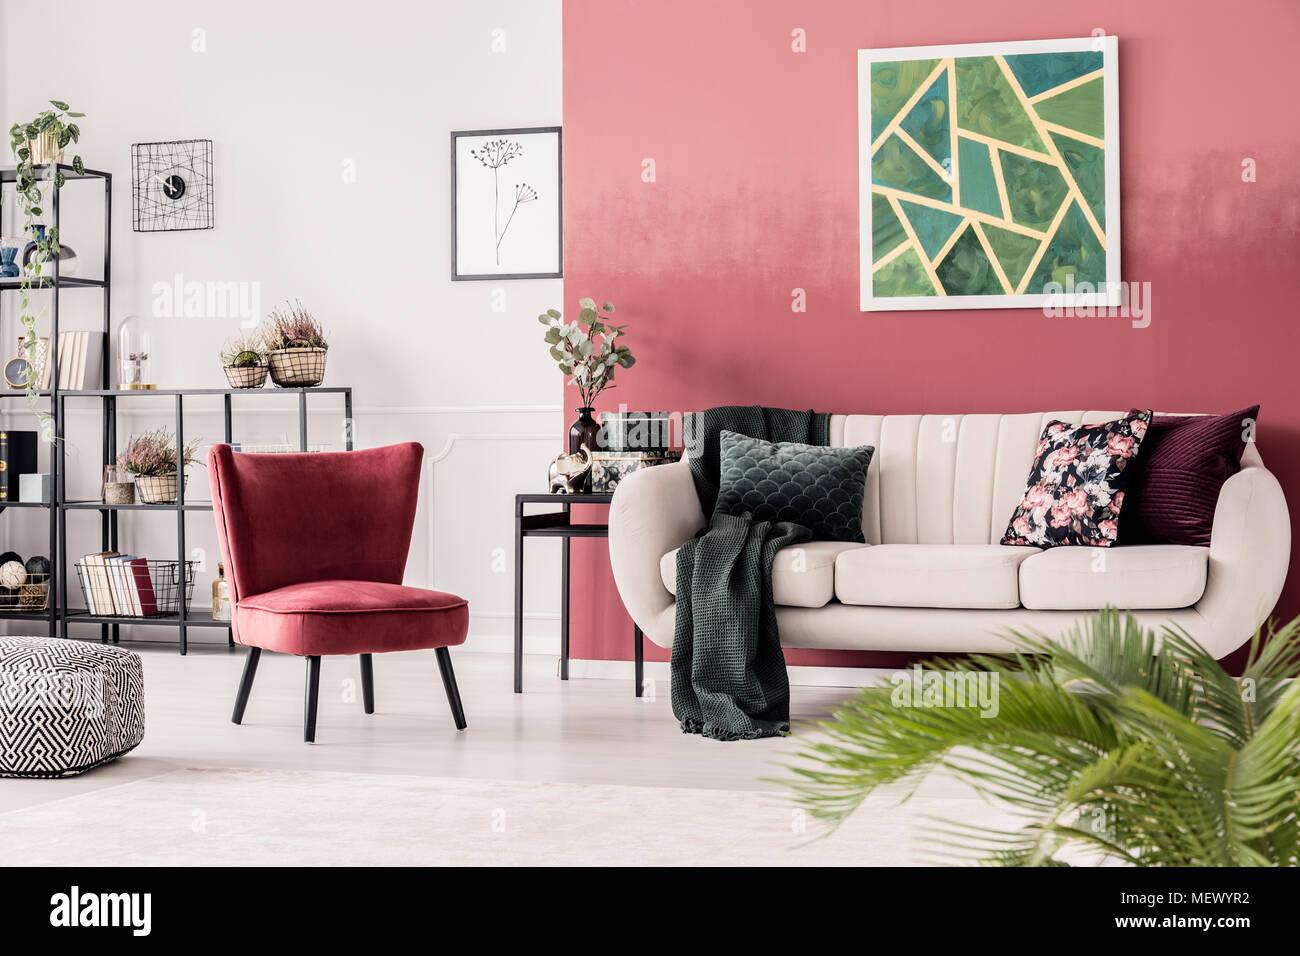 Fauteuil Rouge à Côté Du Canapé Beige Contre Mur Avec La Peinture